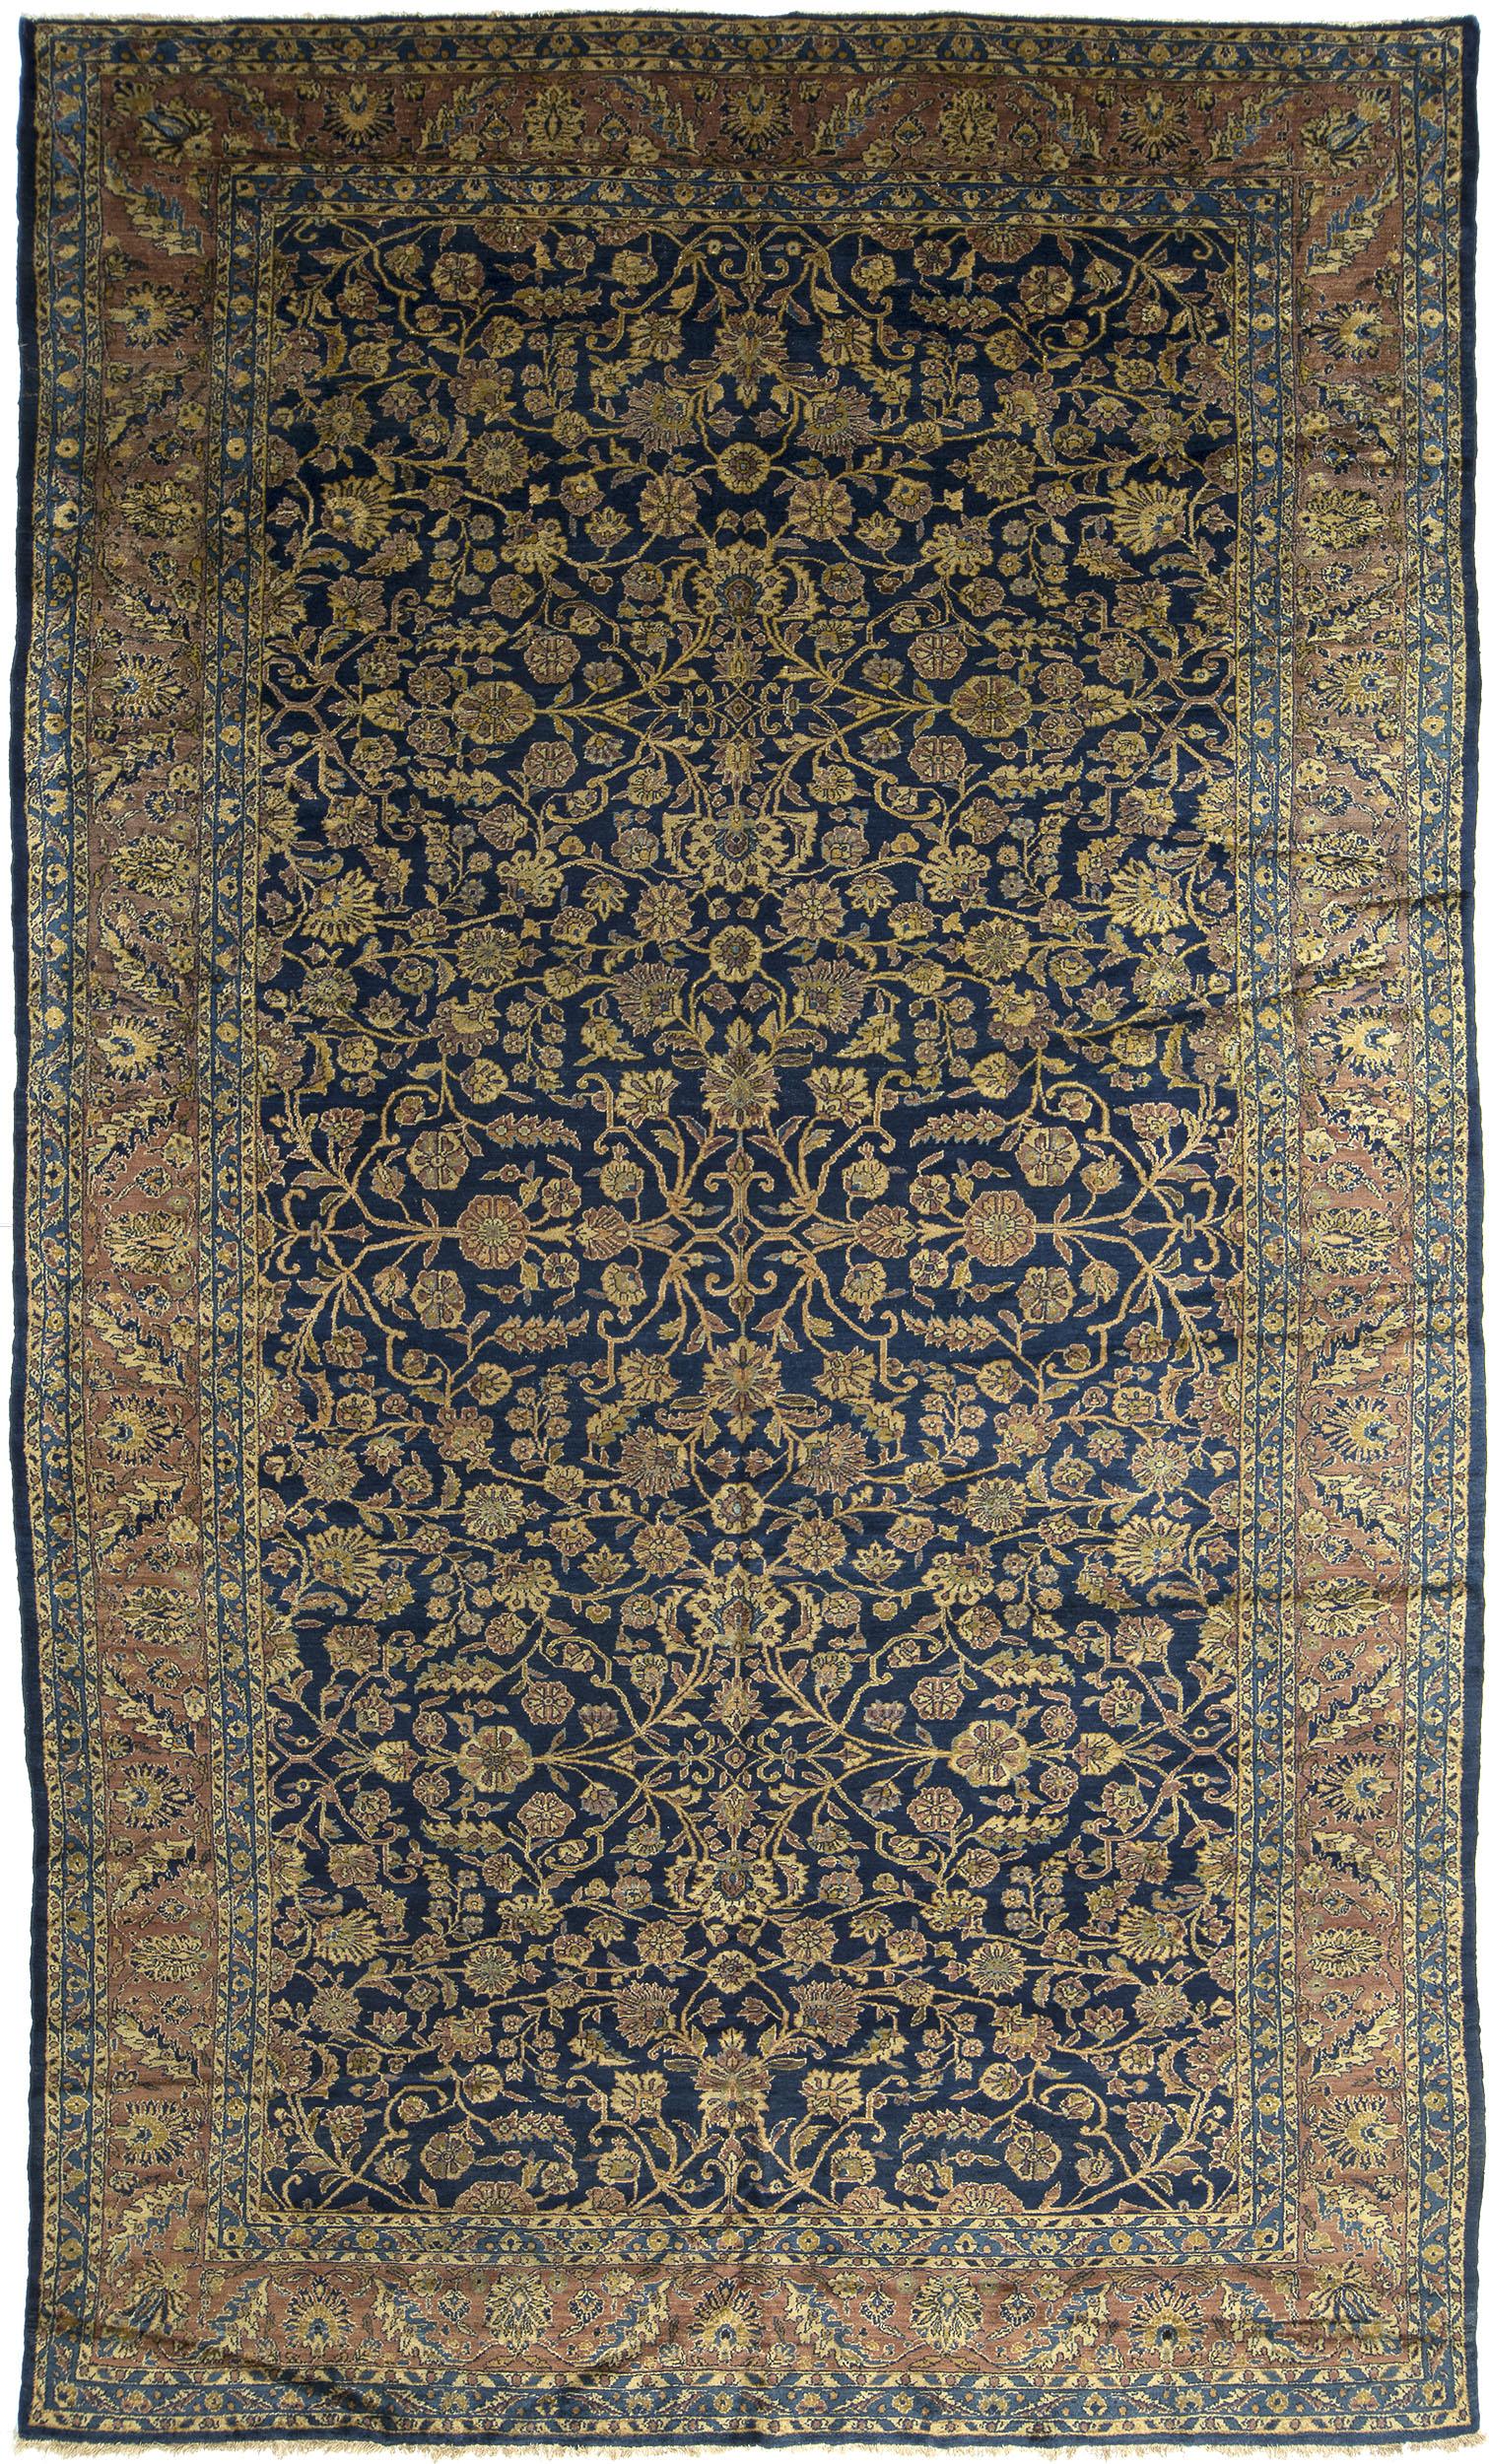 """Northwest Persian Carpet 15' 3"""" x 8' 9"""""""